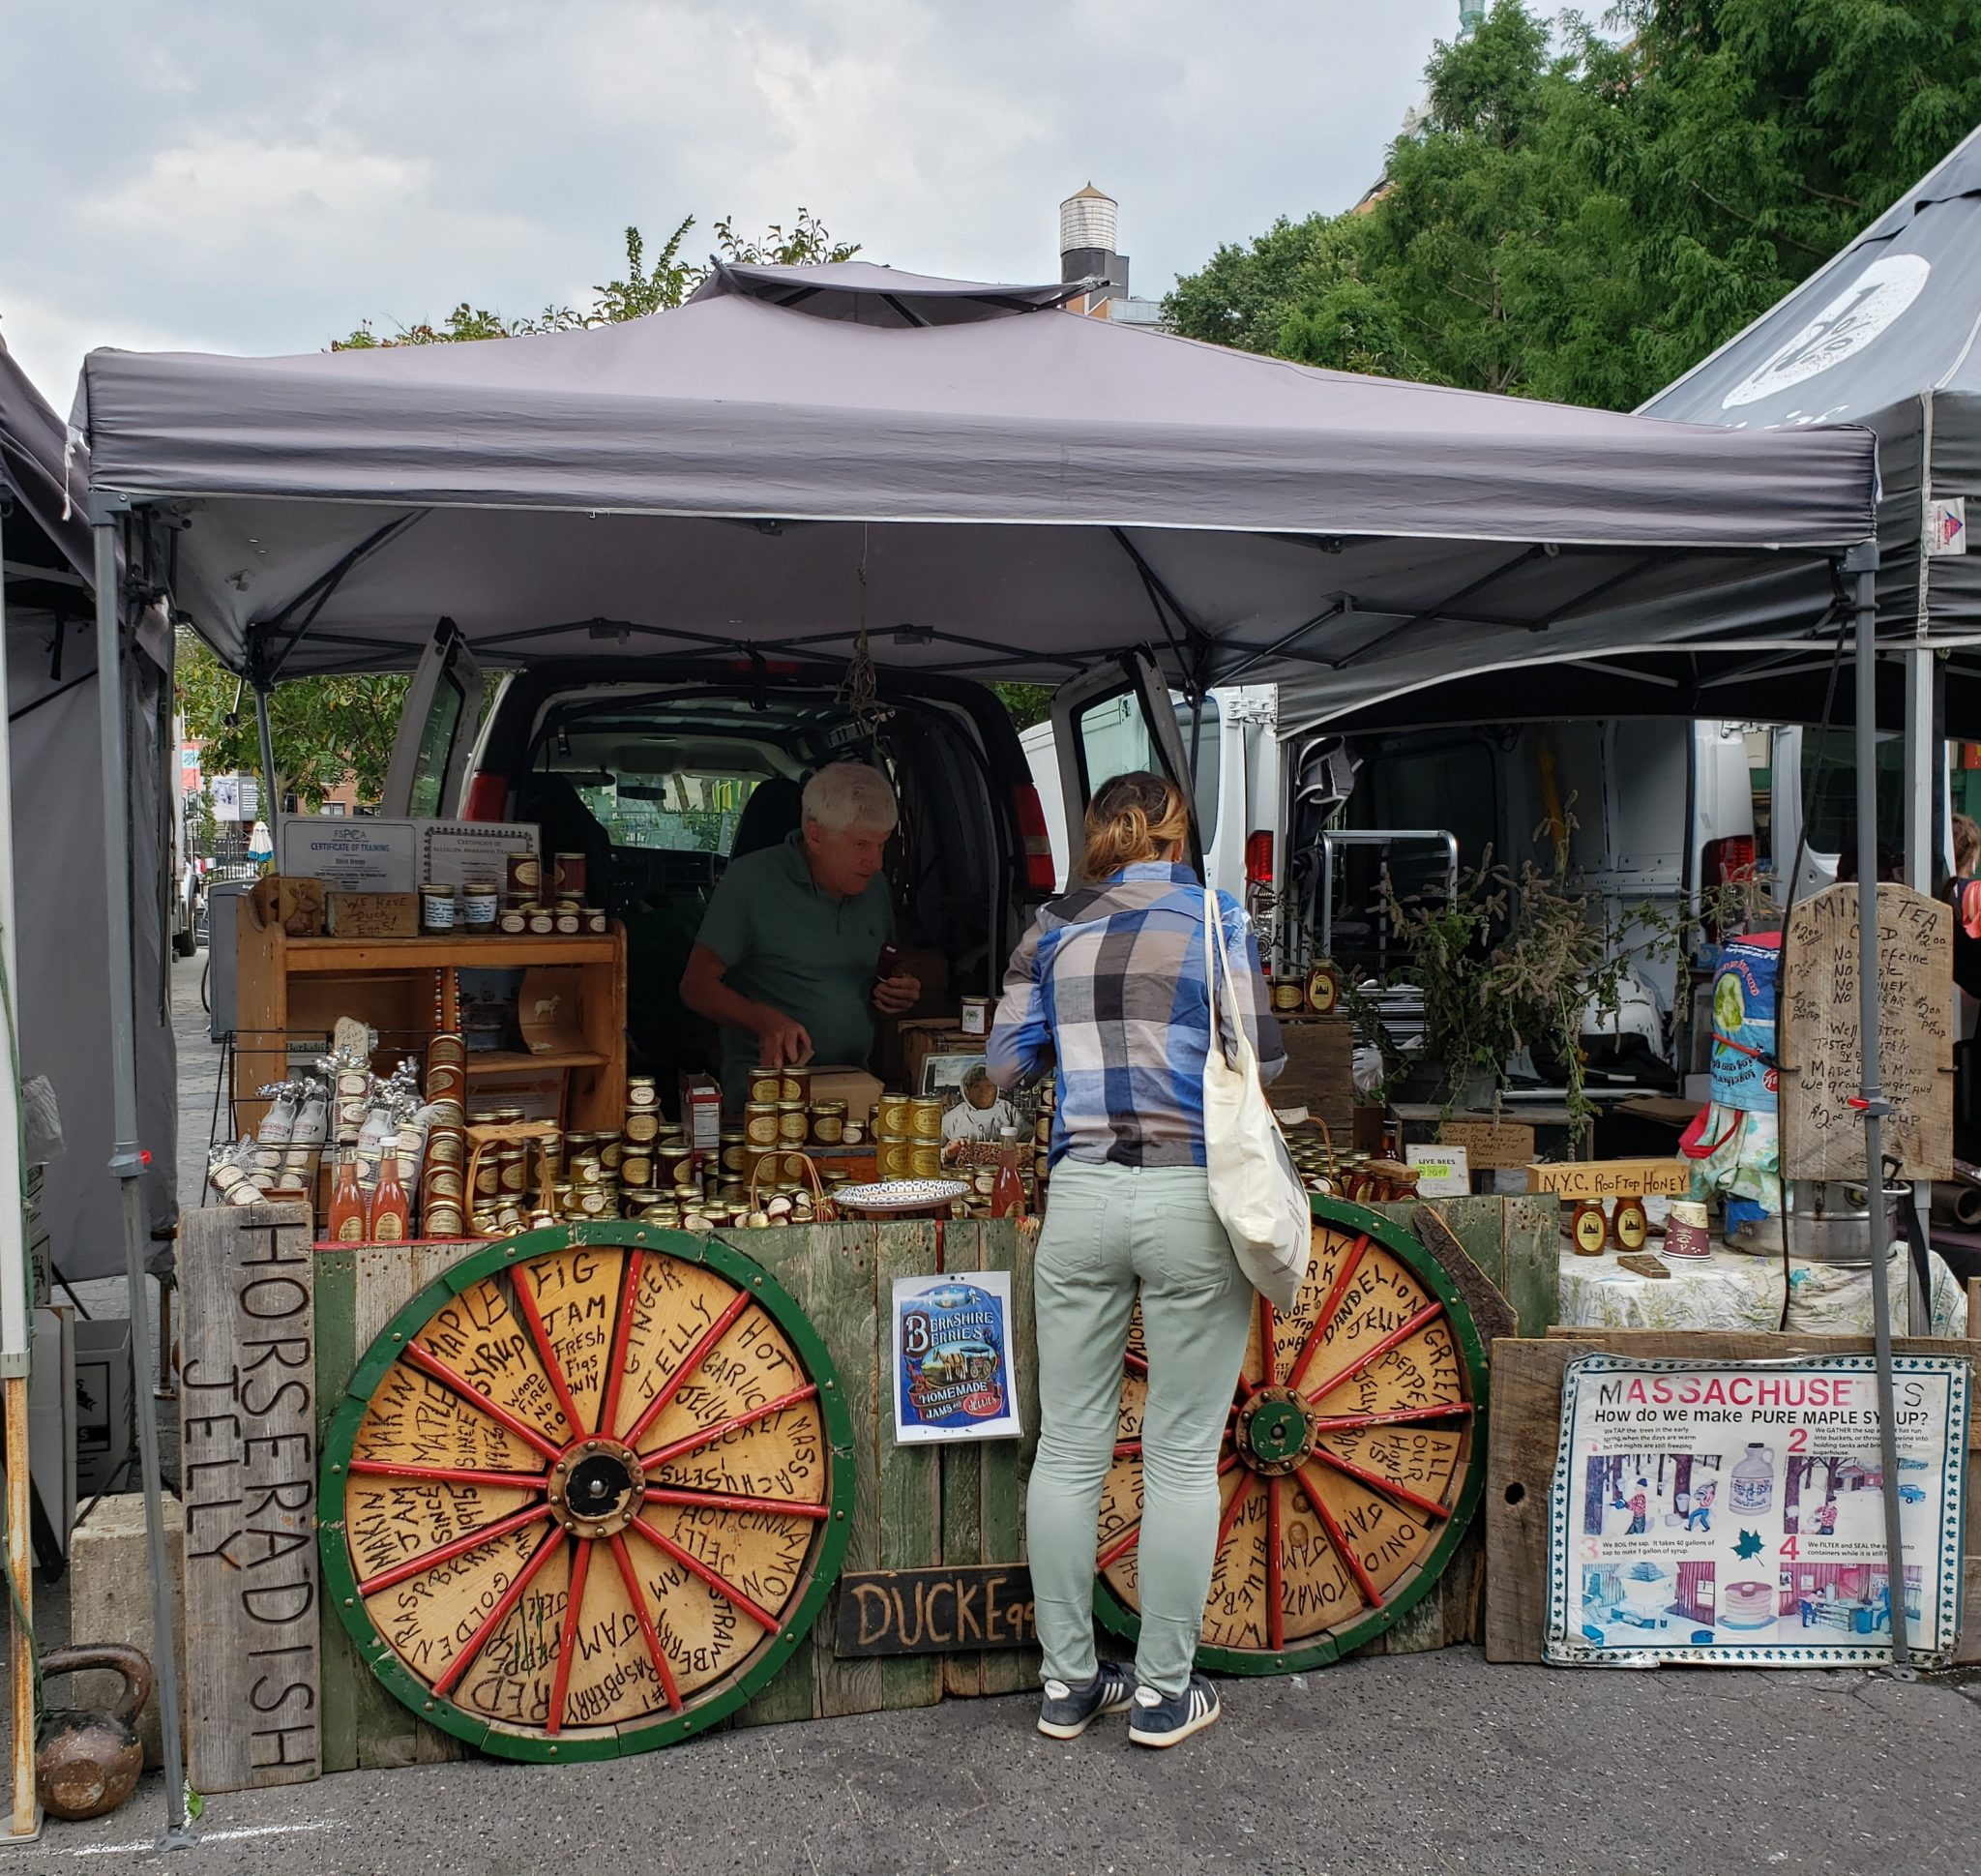 De compras en el Union Square Greenmarket